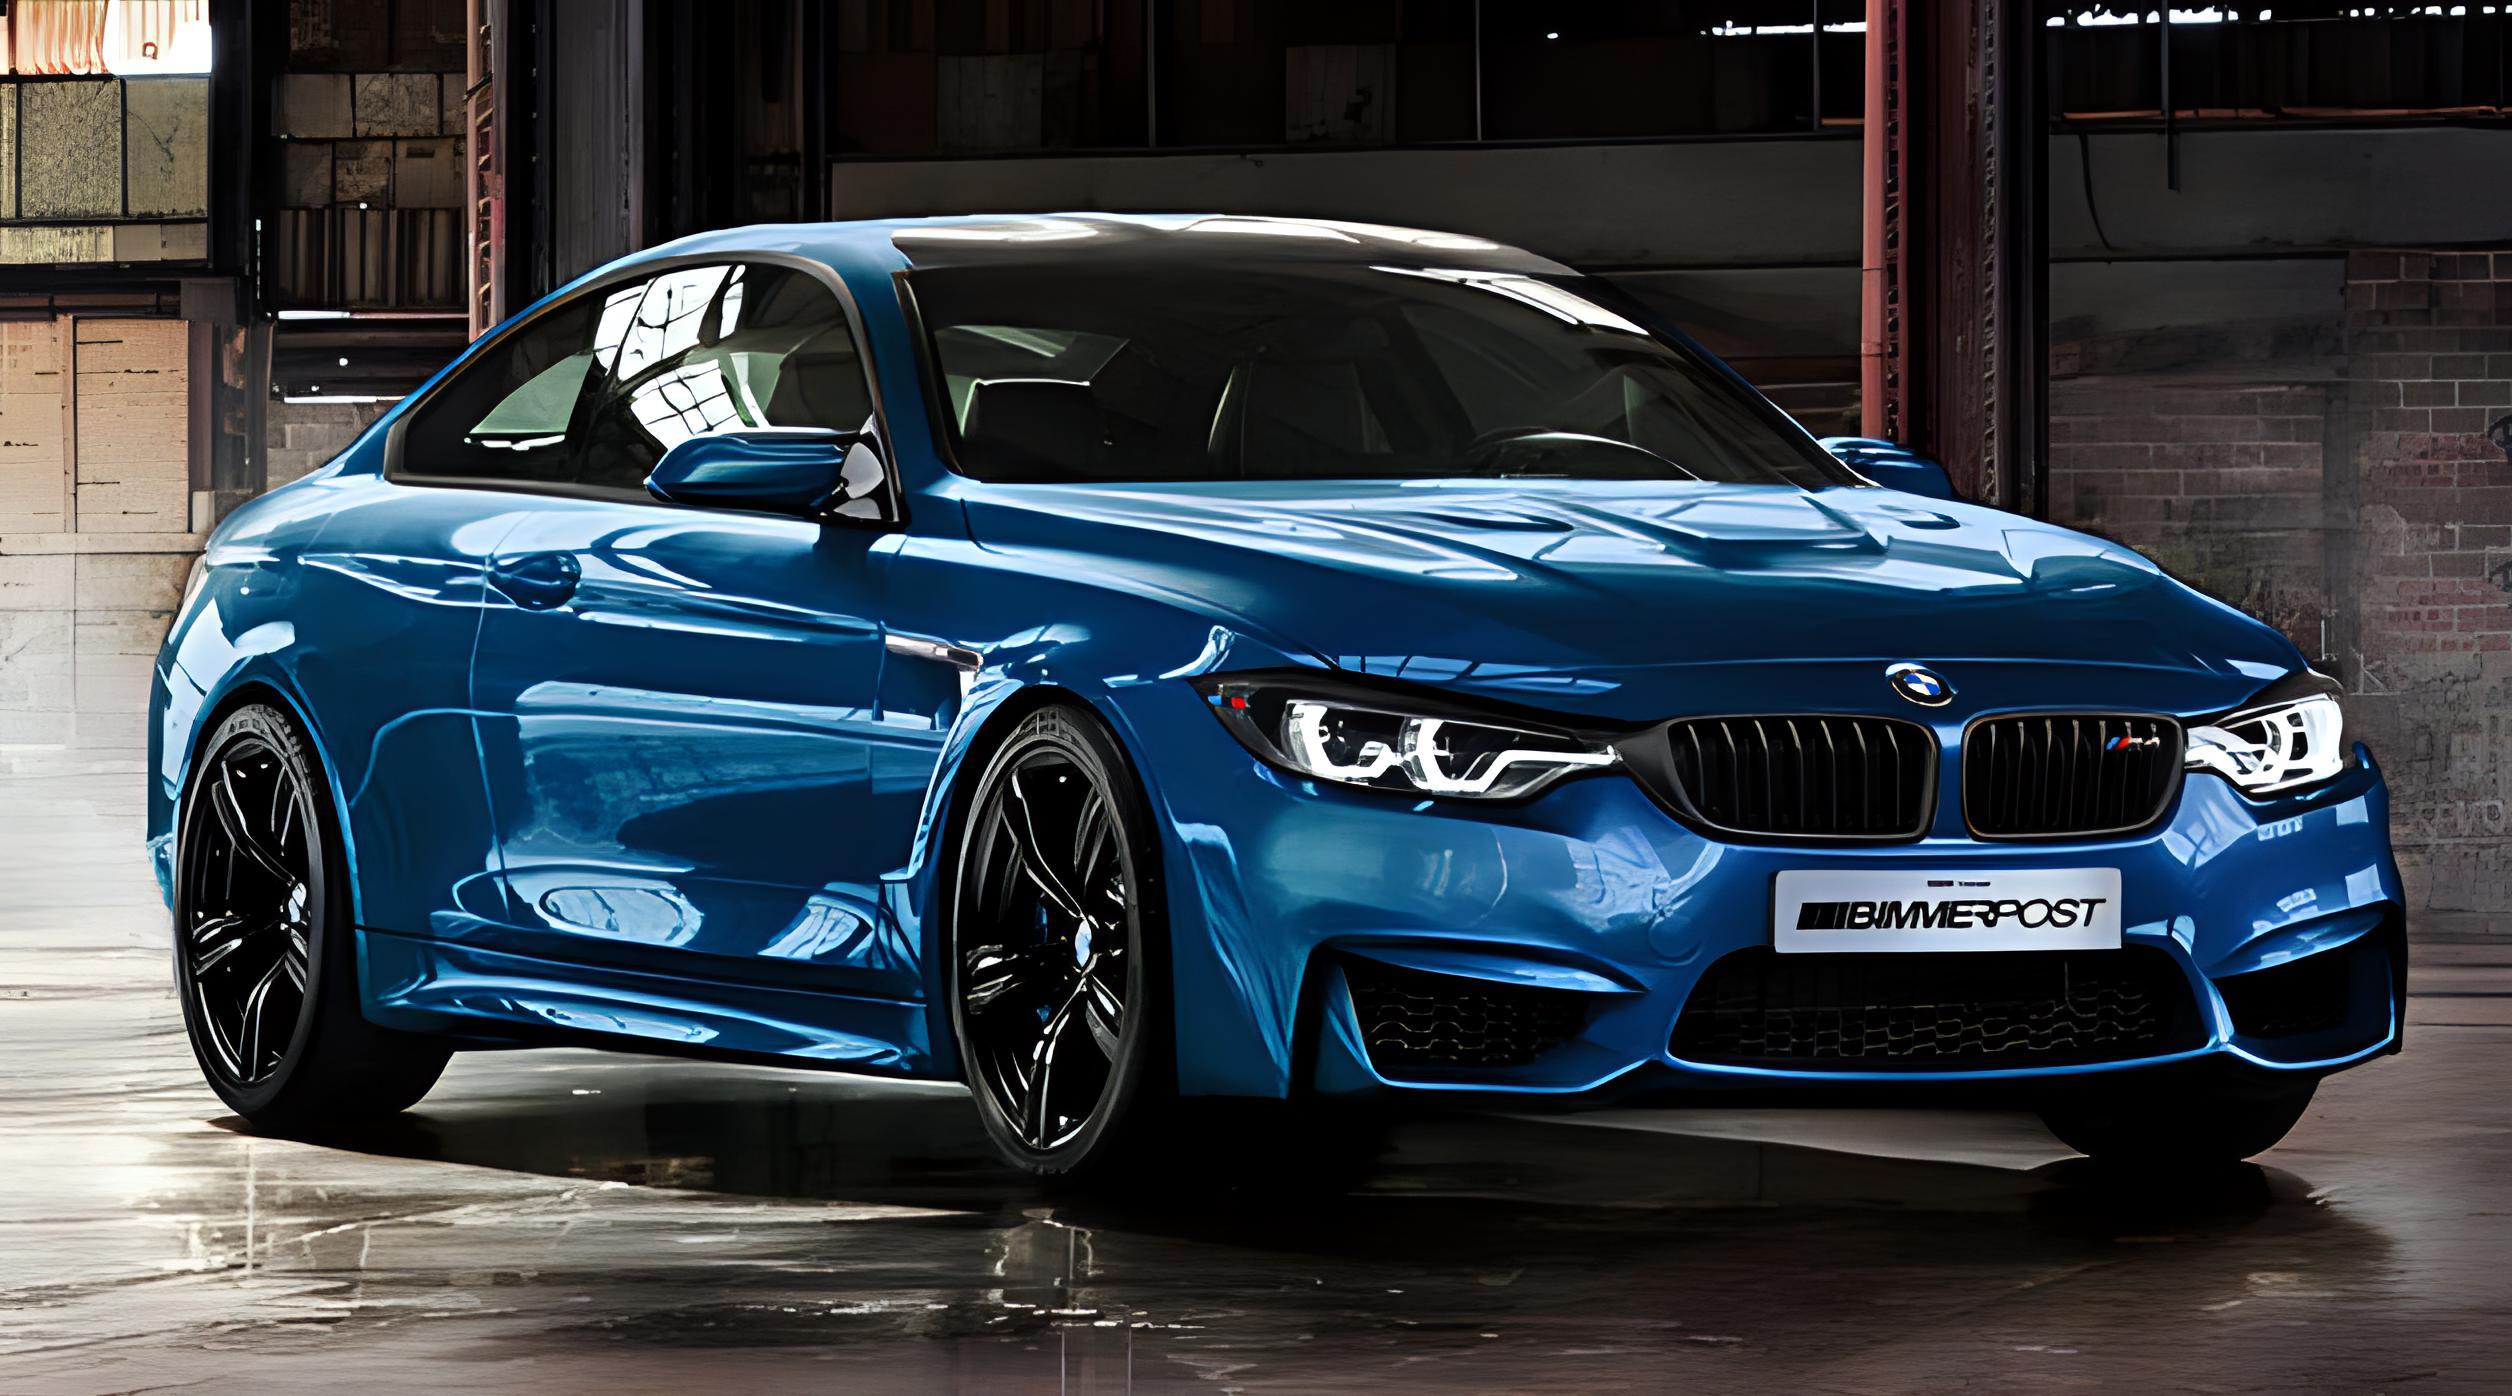 BMW M Technical Details History Photos On Better Parts LTD - 2013 bmw m4